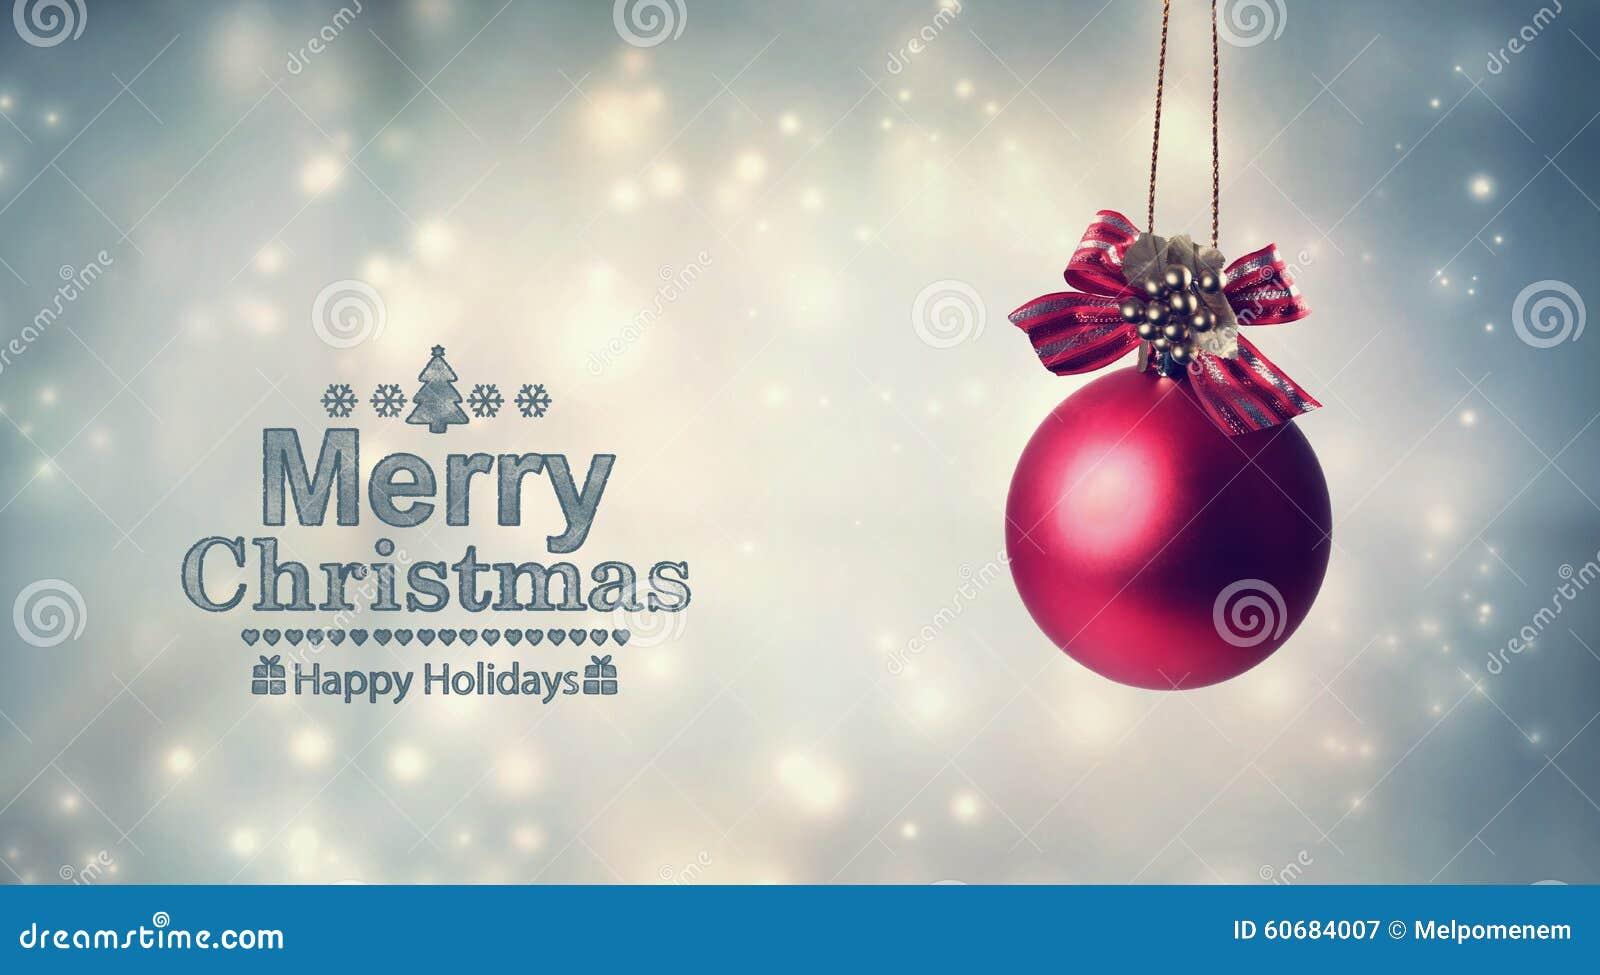 Vrolijk Kerstmisbericht met een hangende snuisterij